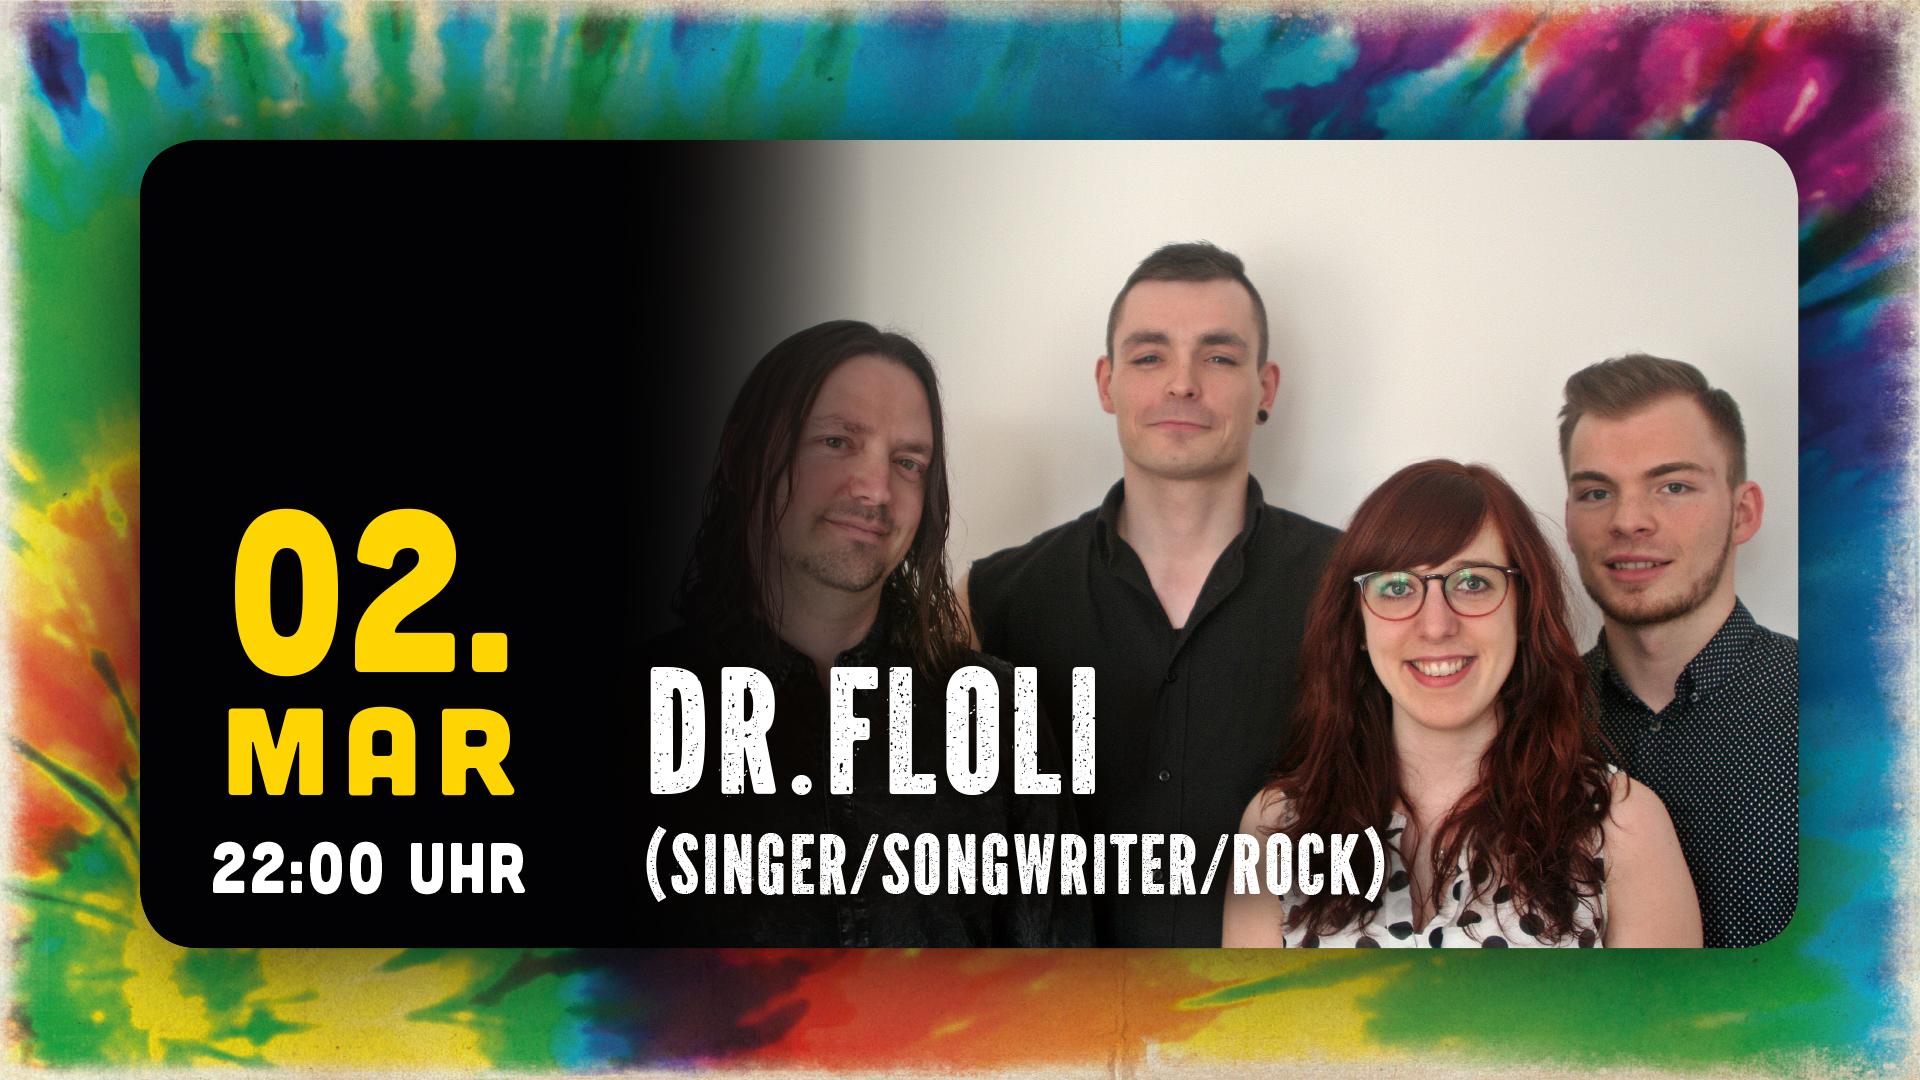 Dr. FloLi